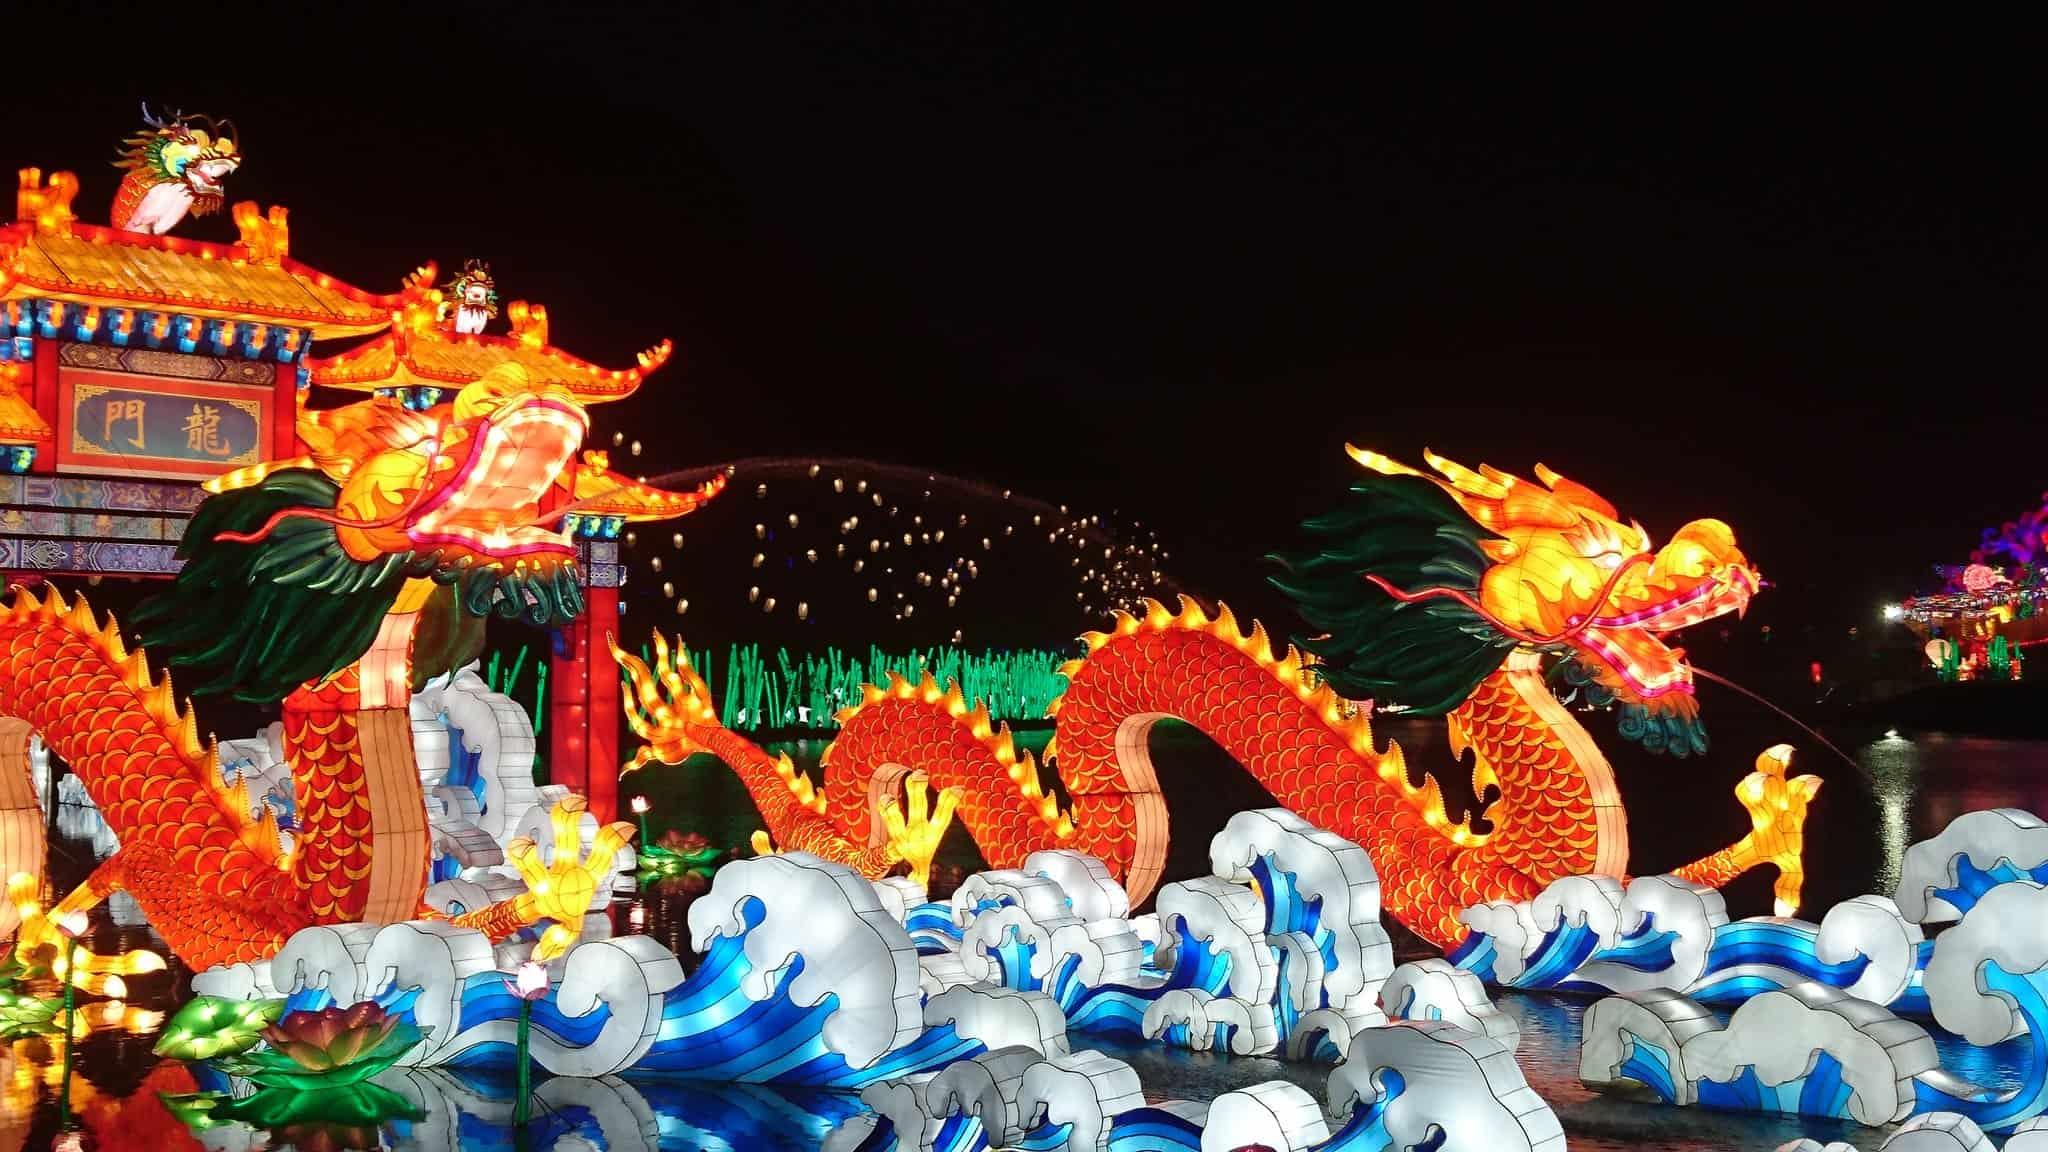 เทศกาลปล่อยโคม ญี่ปุ่น 2020 - เทศกาลโคมจีน (China Lantern Festival)